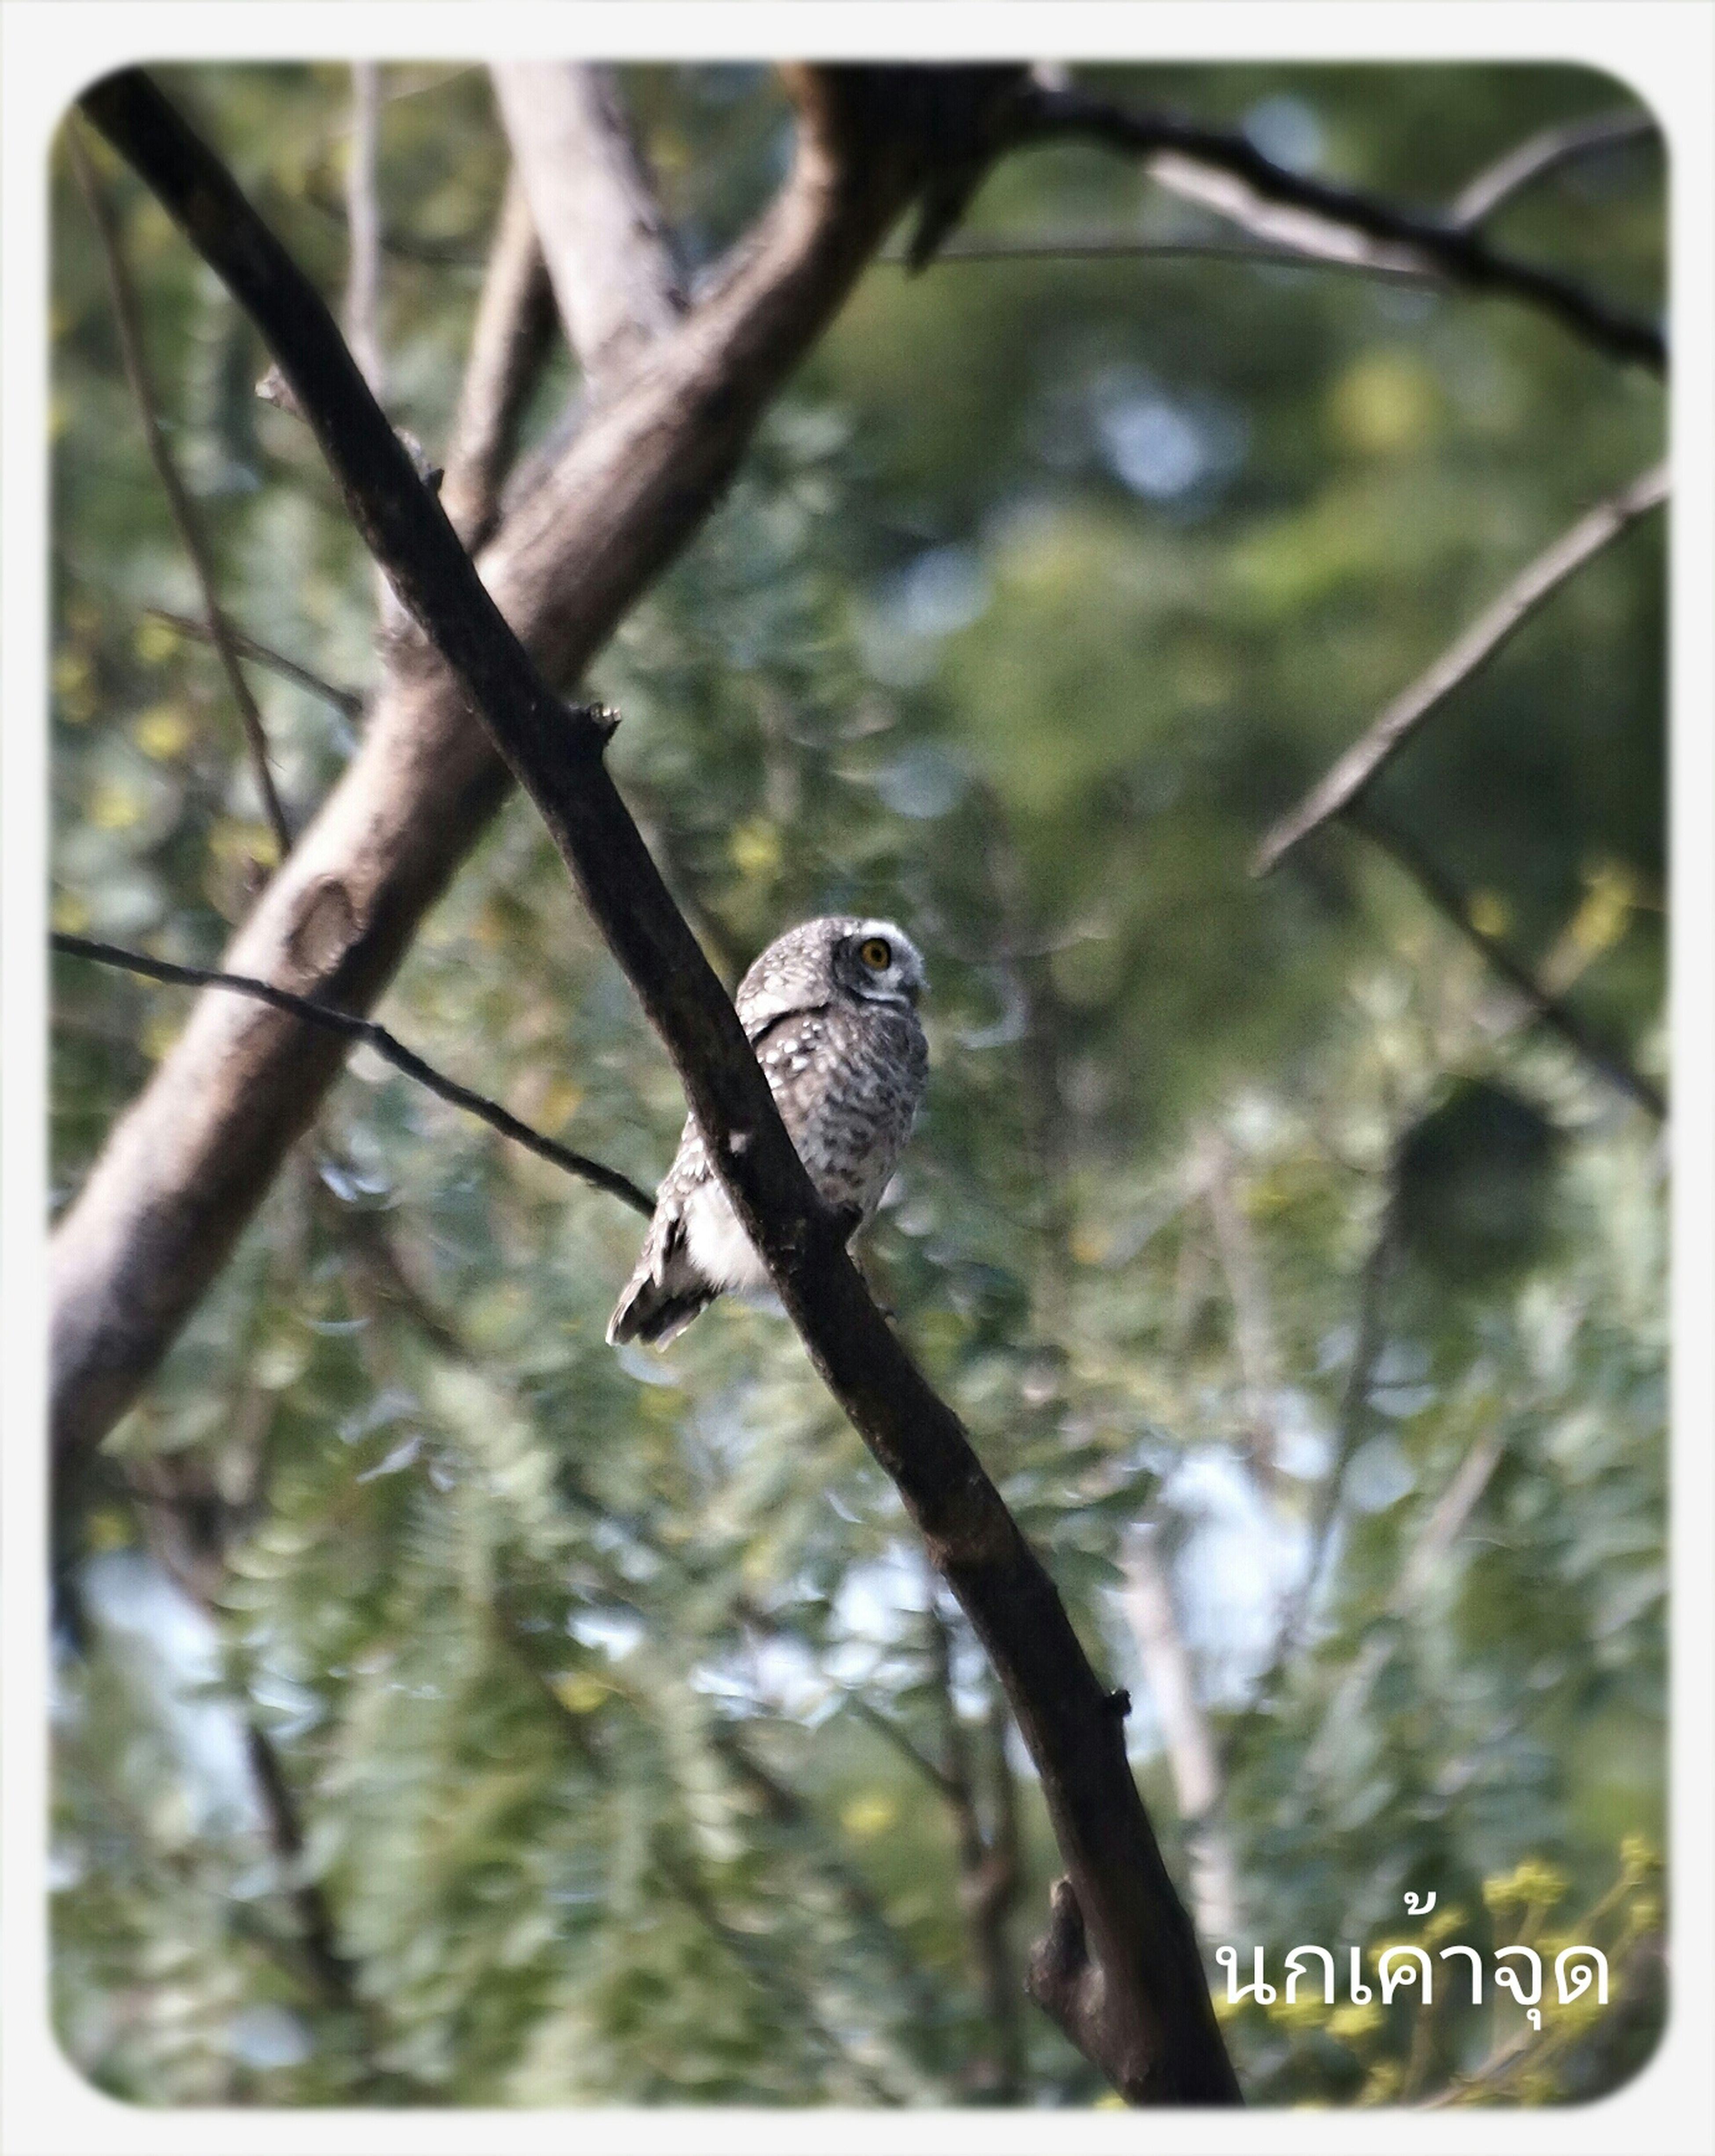 nachapol photo Owl Taking Photos Bird Photography Birds_collection